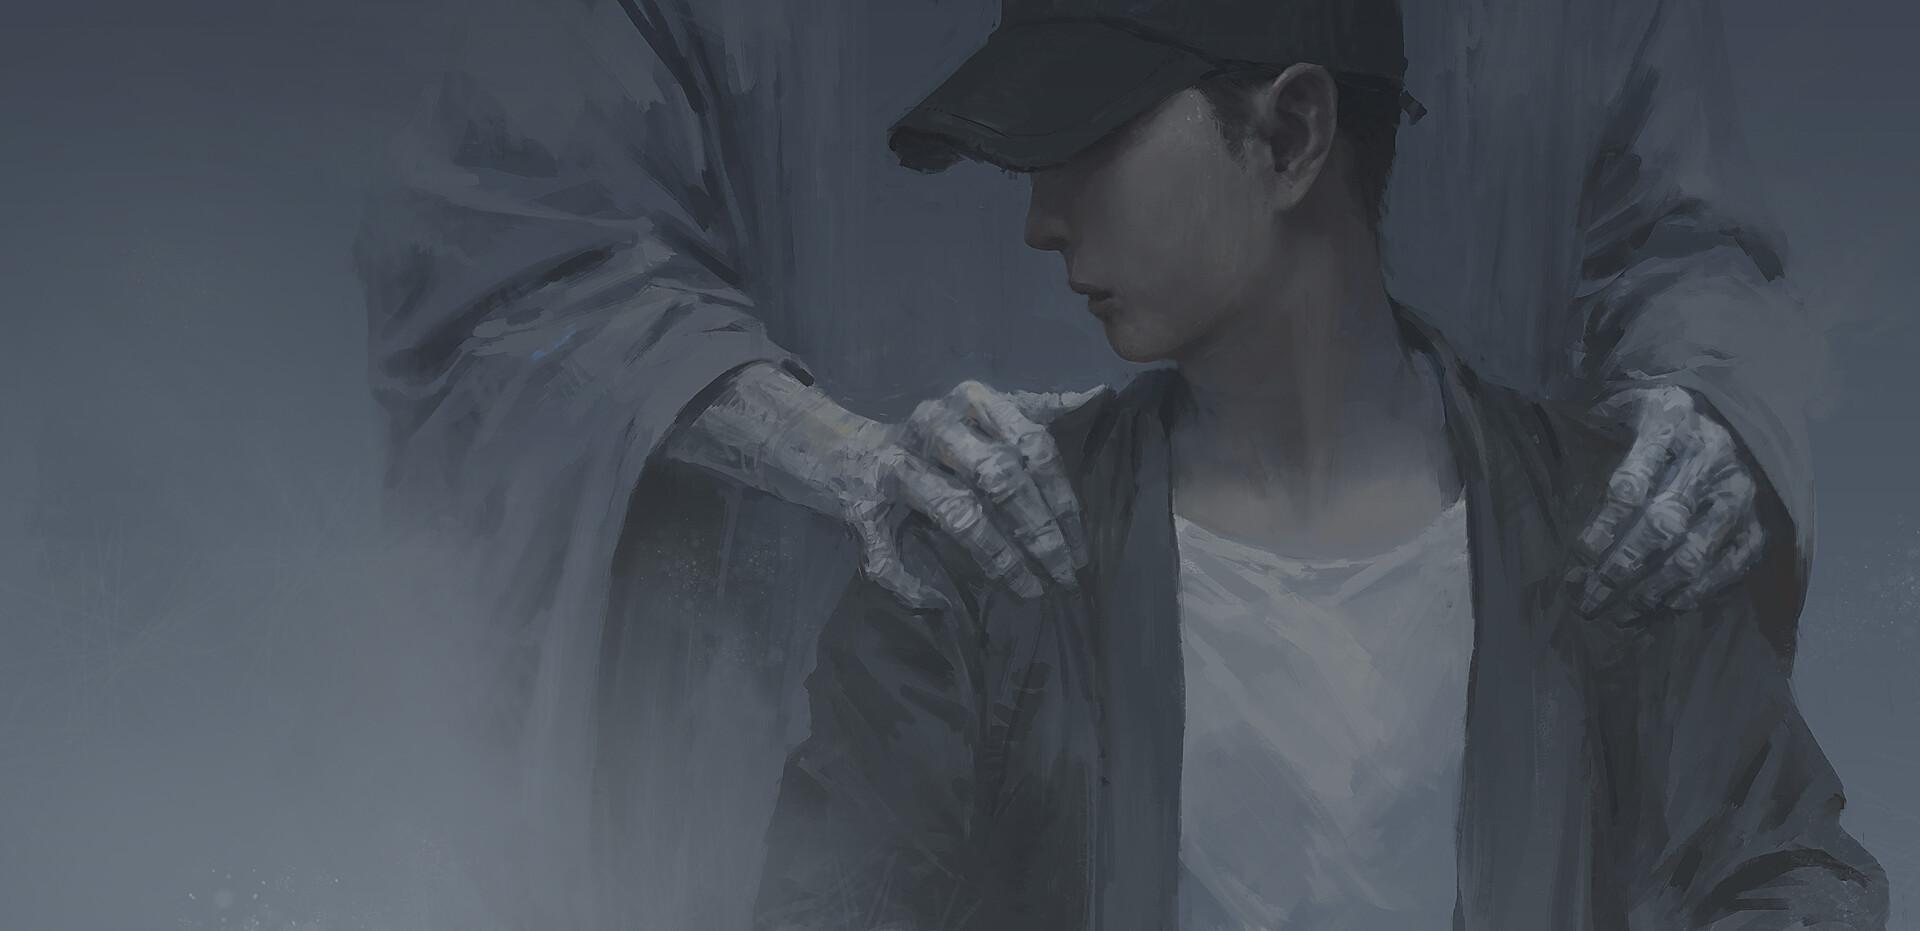 Su jian 23